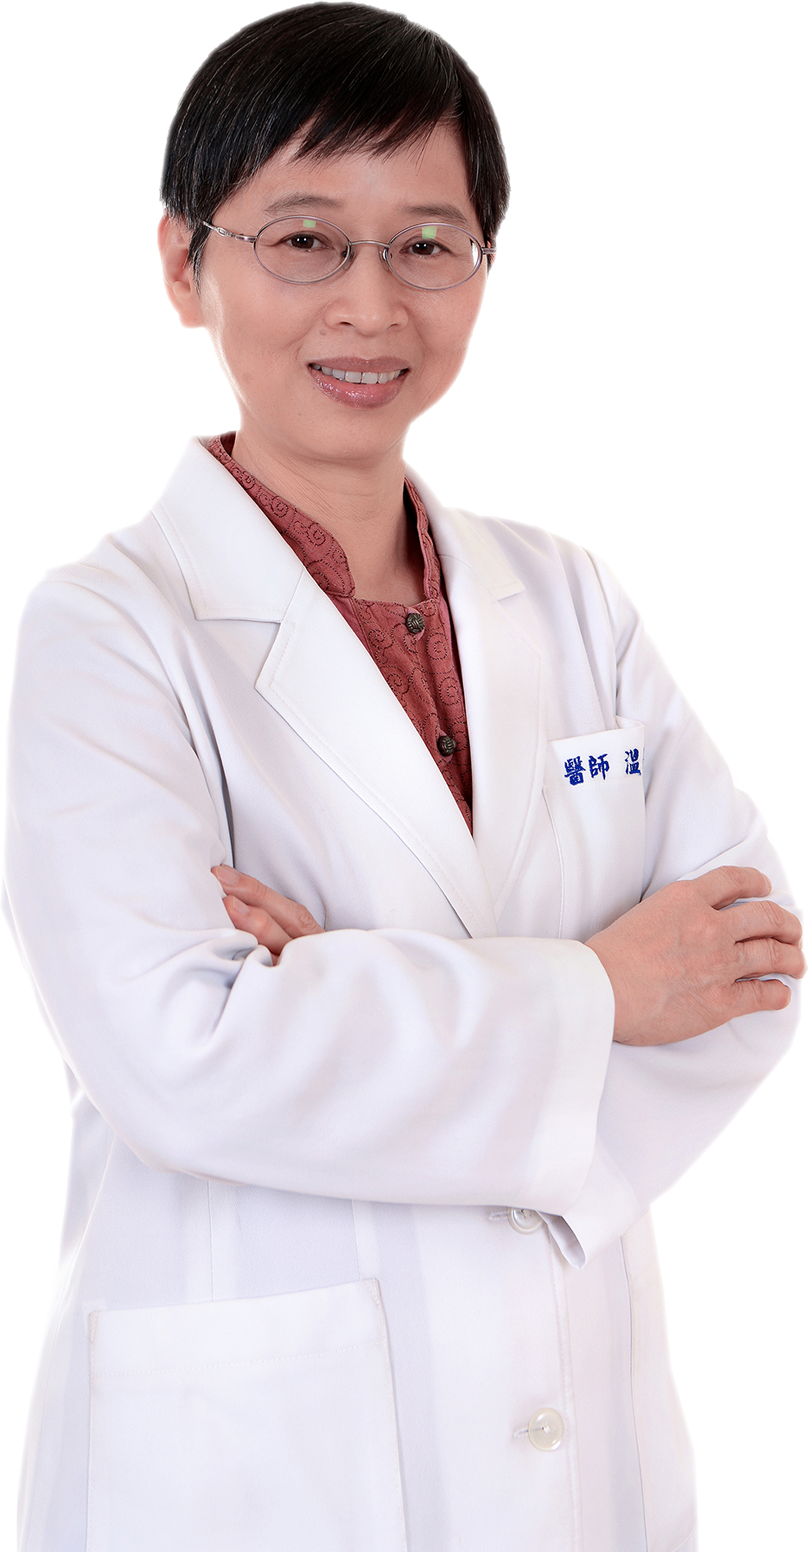 中醫師溫嬪容除了醫治疾病,還教導病人順應天道,幫助焦躁不安的心復歸自然平和。(博大出版社提供)